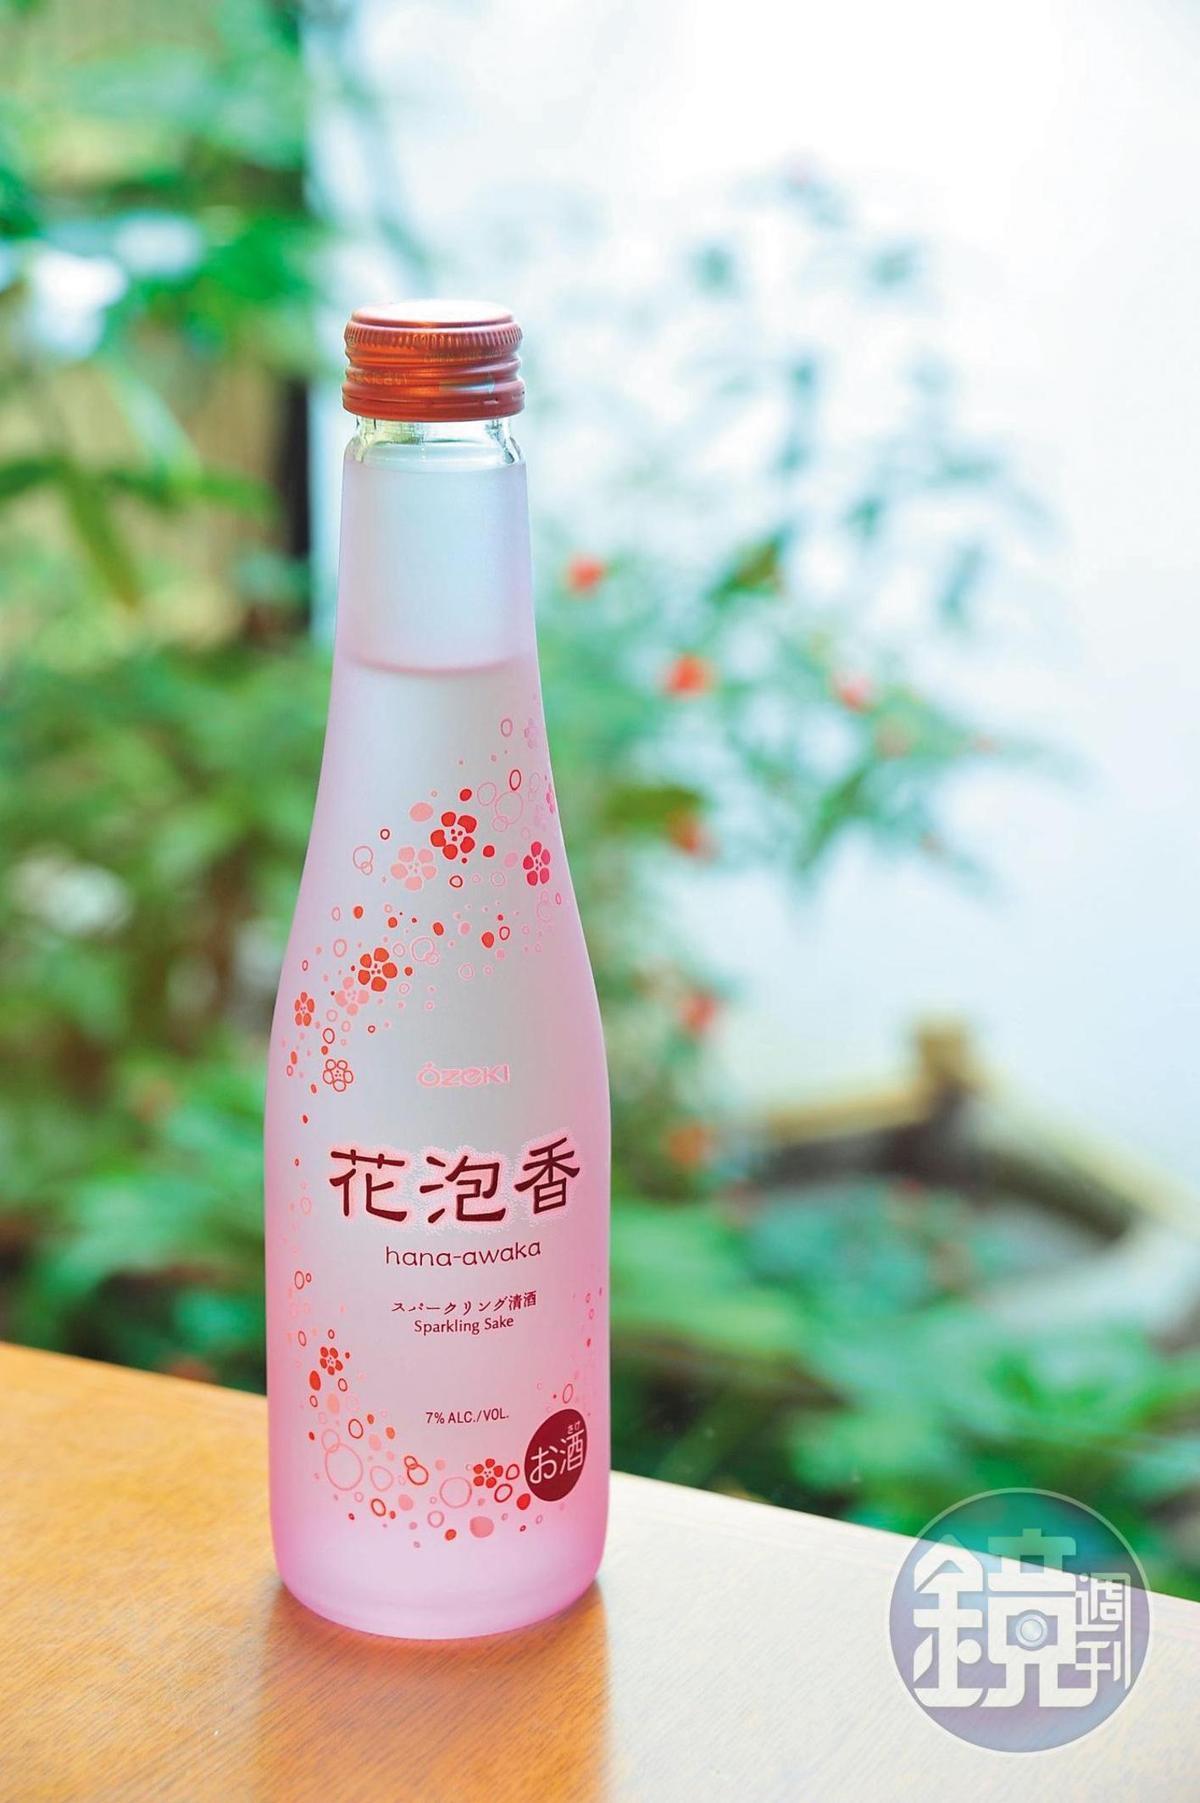 日本年輕人較少喝清酒,使得年輕酒造紛紛把眼光放到海外市場,並求新求變讓日本清酒的風貌更多元,看來粉嫩討喜的氣泡清酒就是例證。